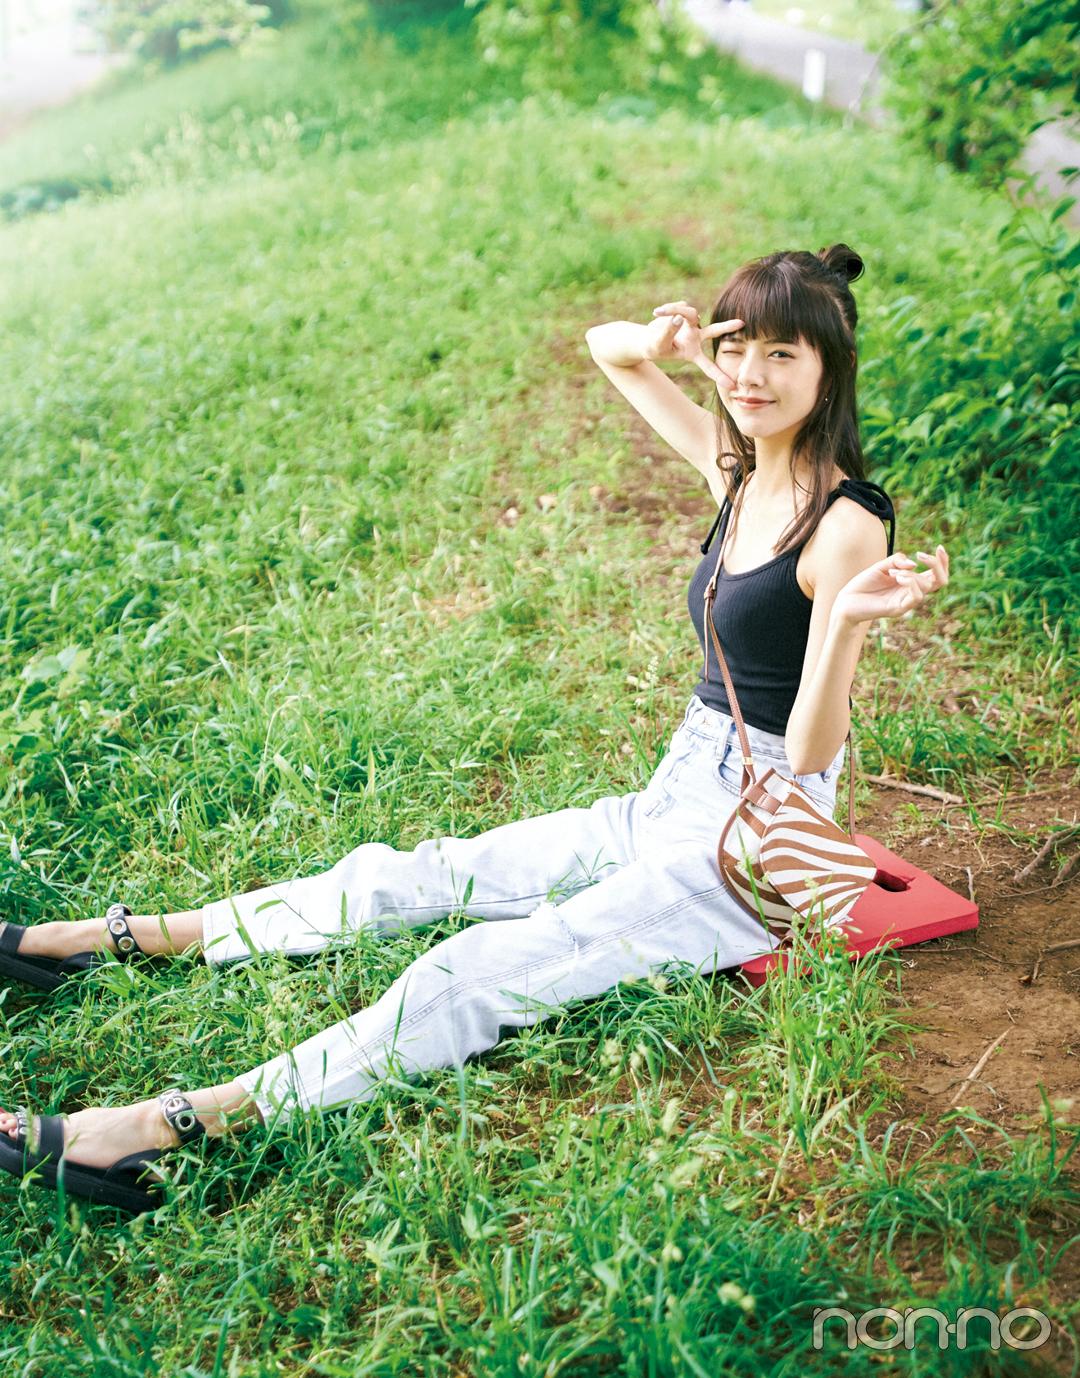 「オオカミちゃん」出演で人気急上昇! 鈴木ゆうかのフェスコーデ&夏メイク_1_2